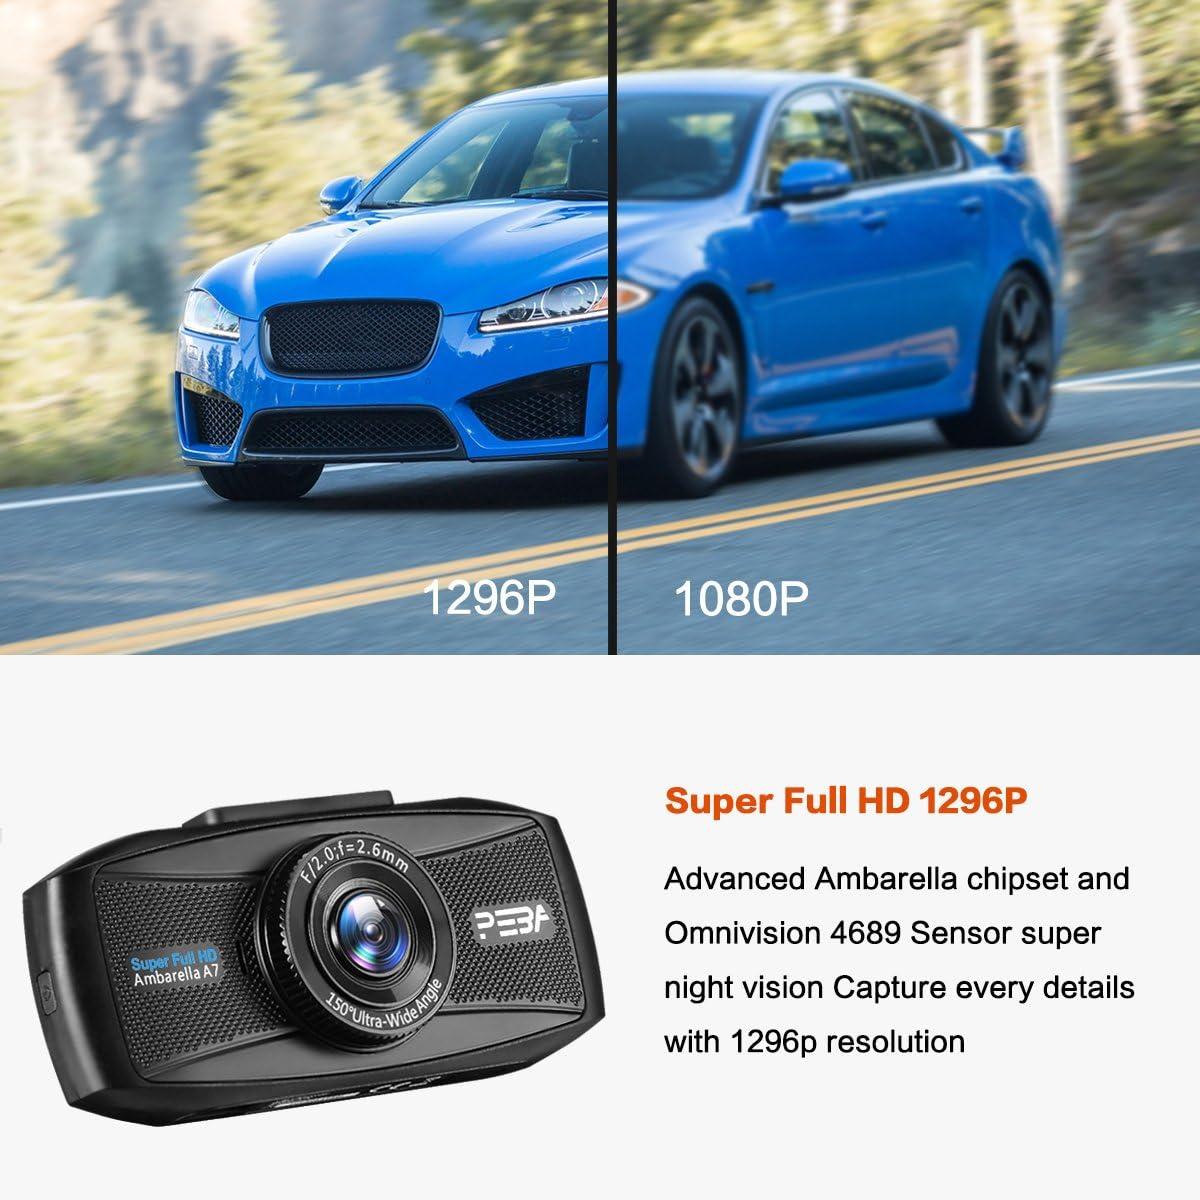 G-Sensor Monitor di parcheggio Dash Cam Telecamera per Auto Full HD 1296P PEBA Auto Video Recorder Visione Notturna Lenti registrazione in loop Rilevatore di Movimento 2,7 LCD